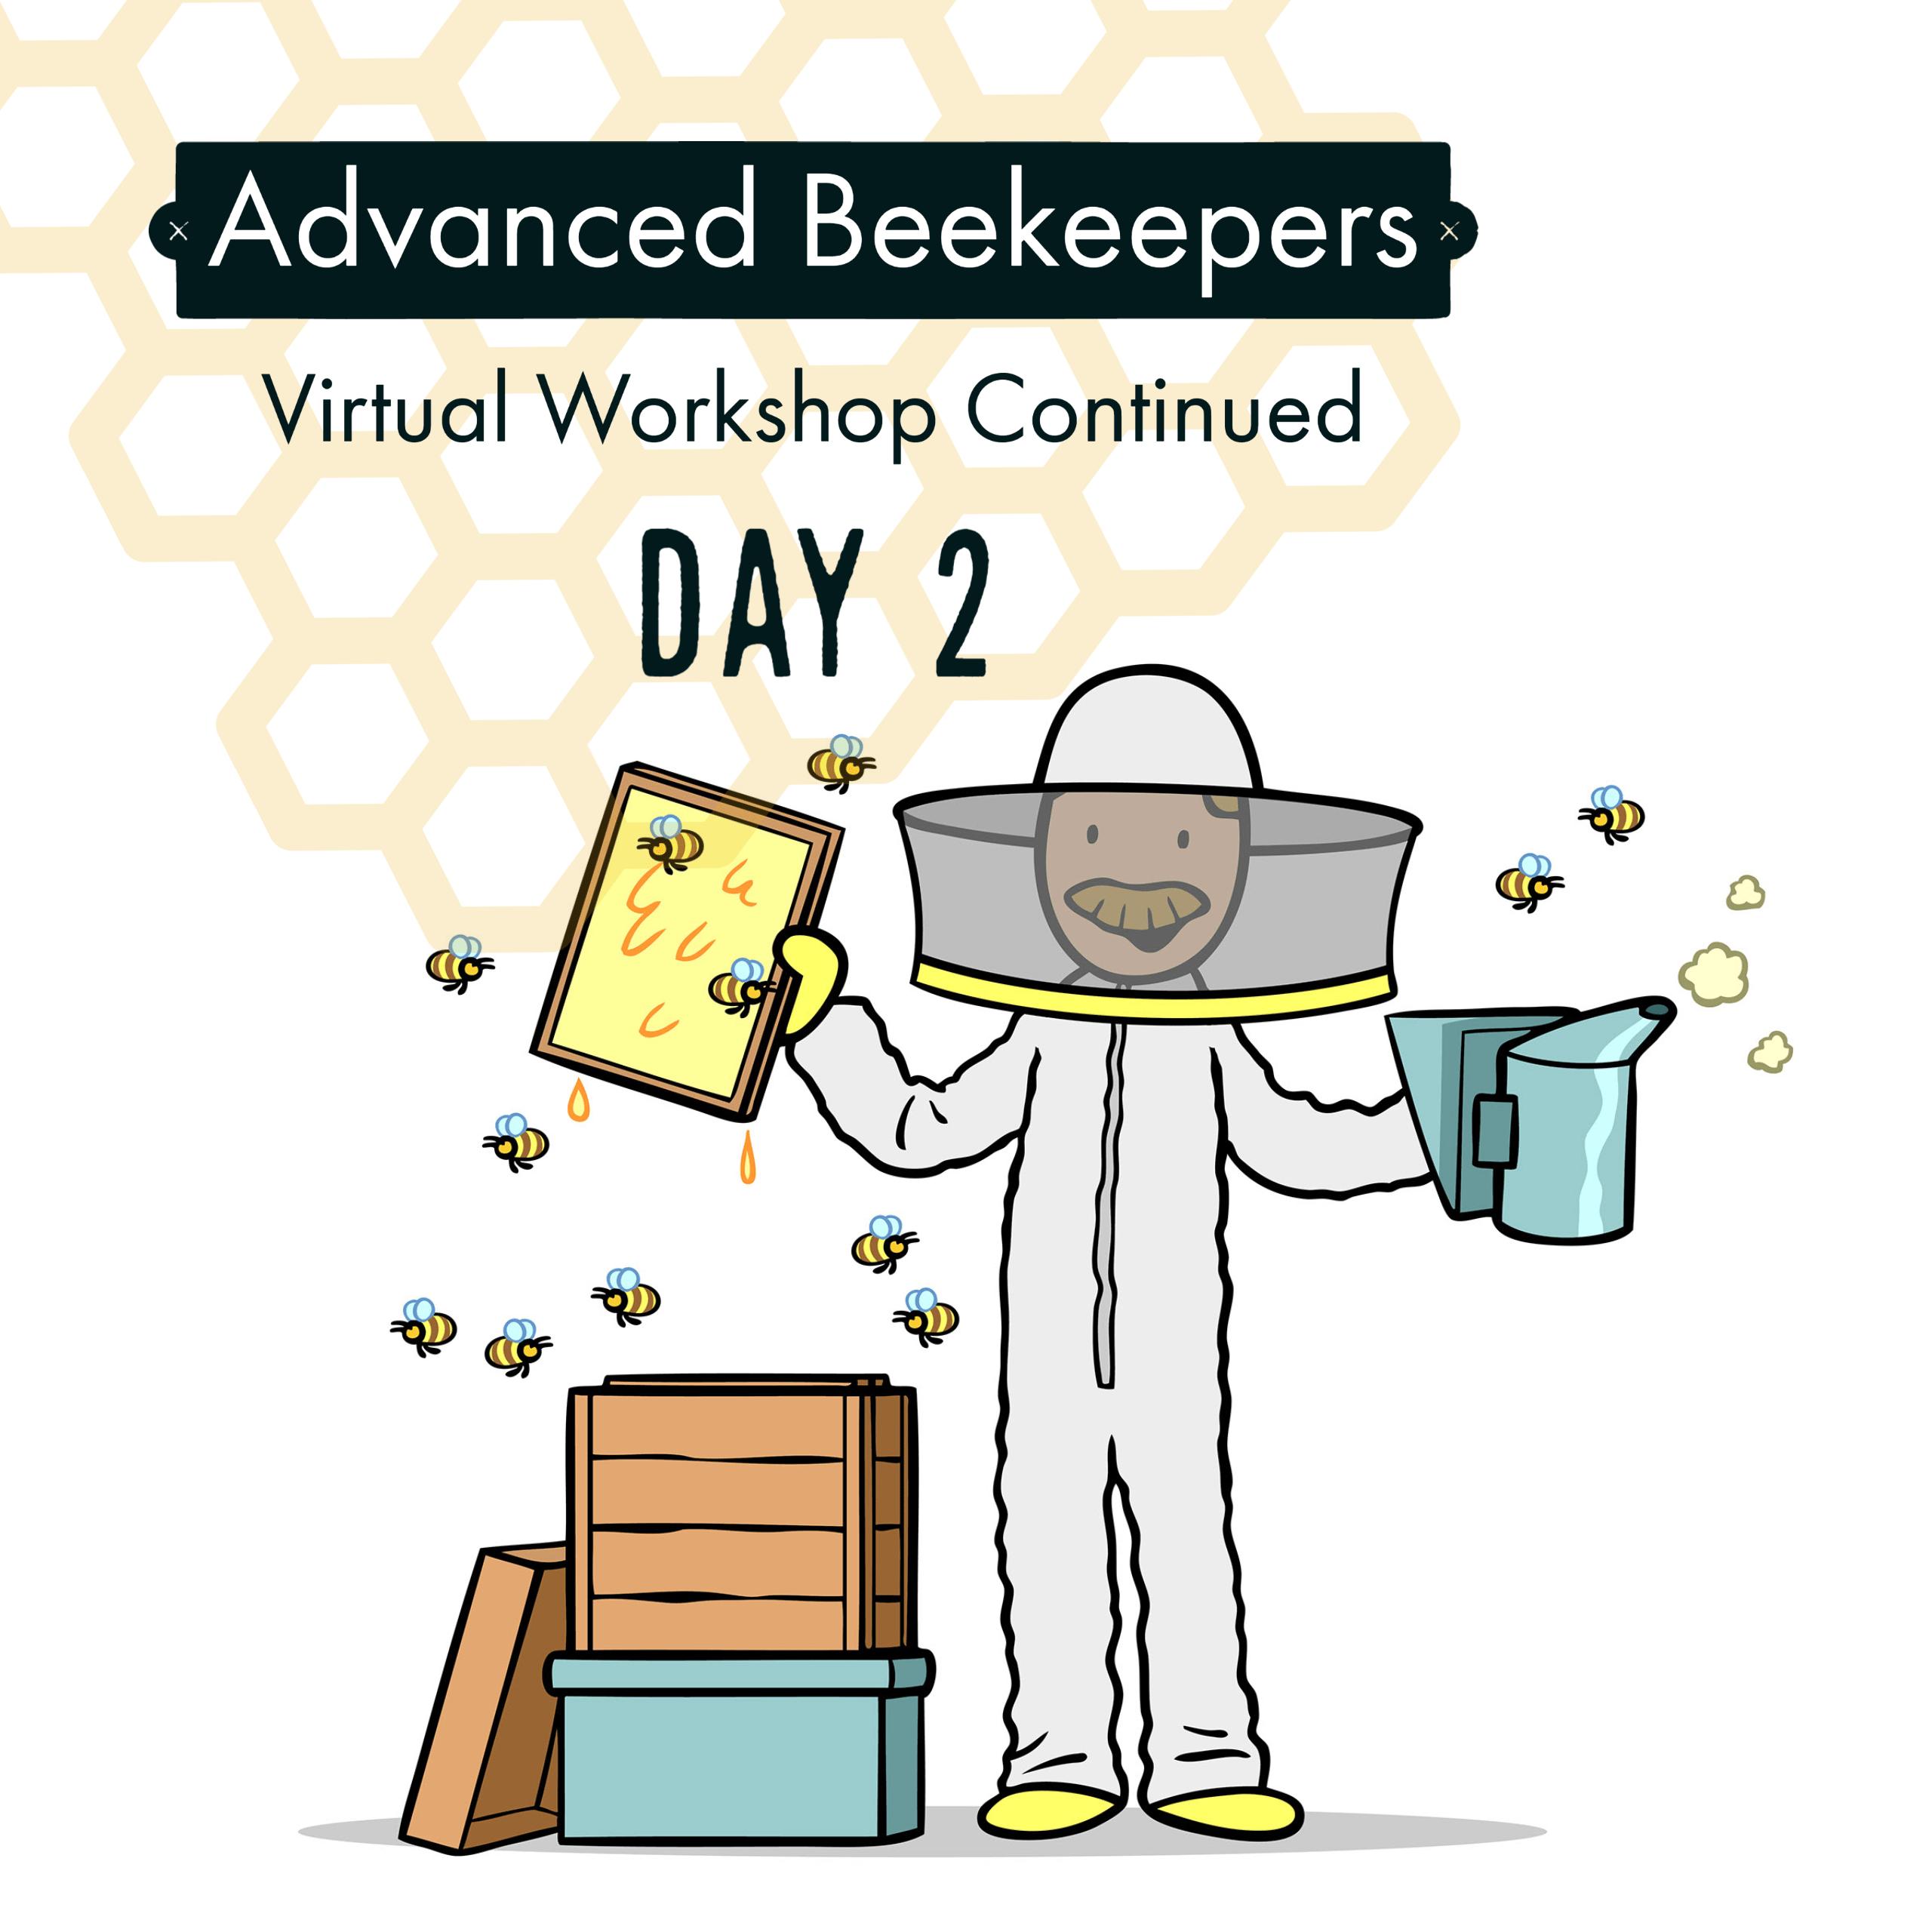 Advanced Beekeeping Day 2